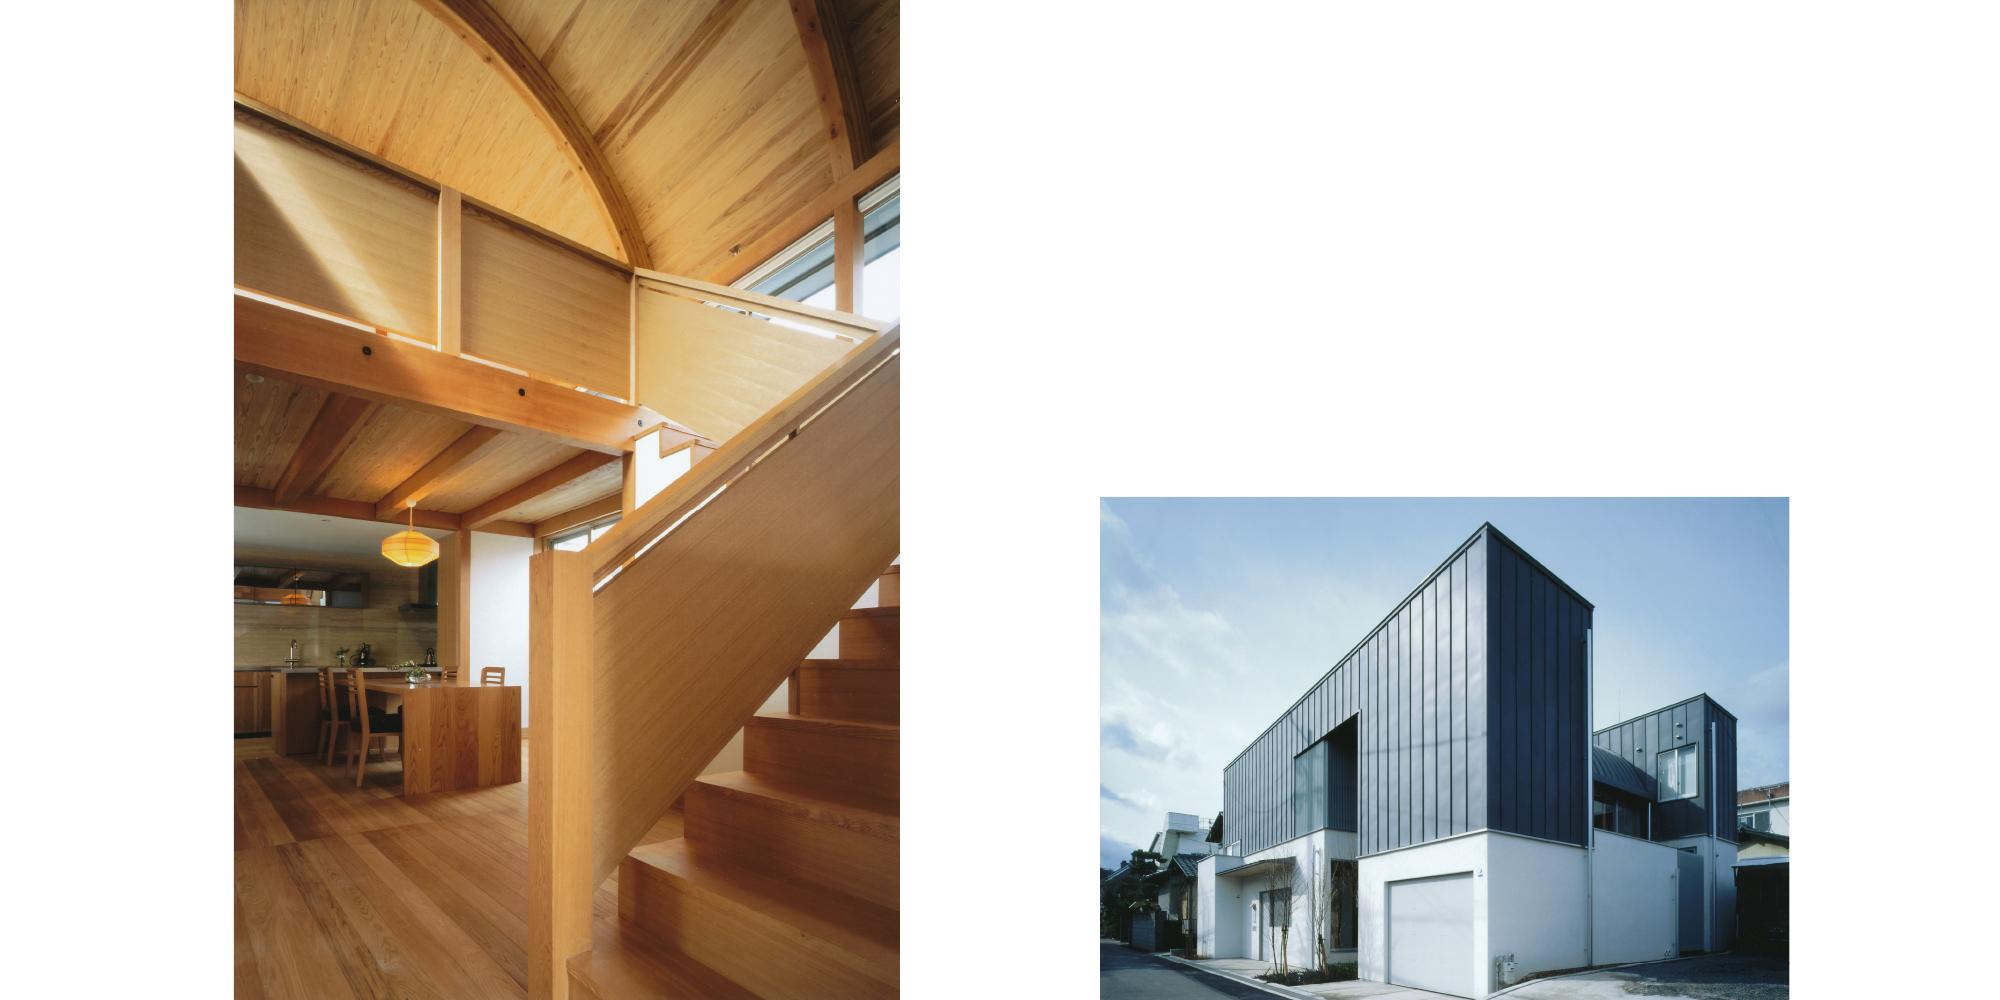 佐藤建築事務所「津島京町の家」